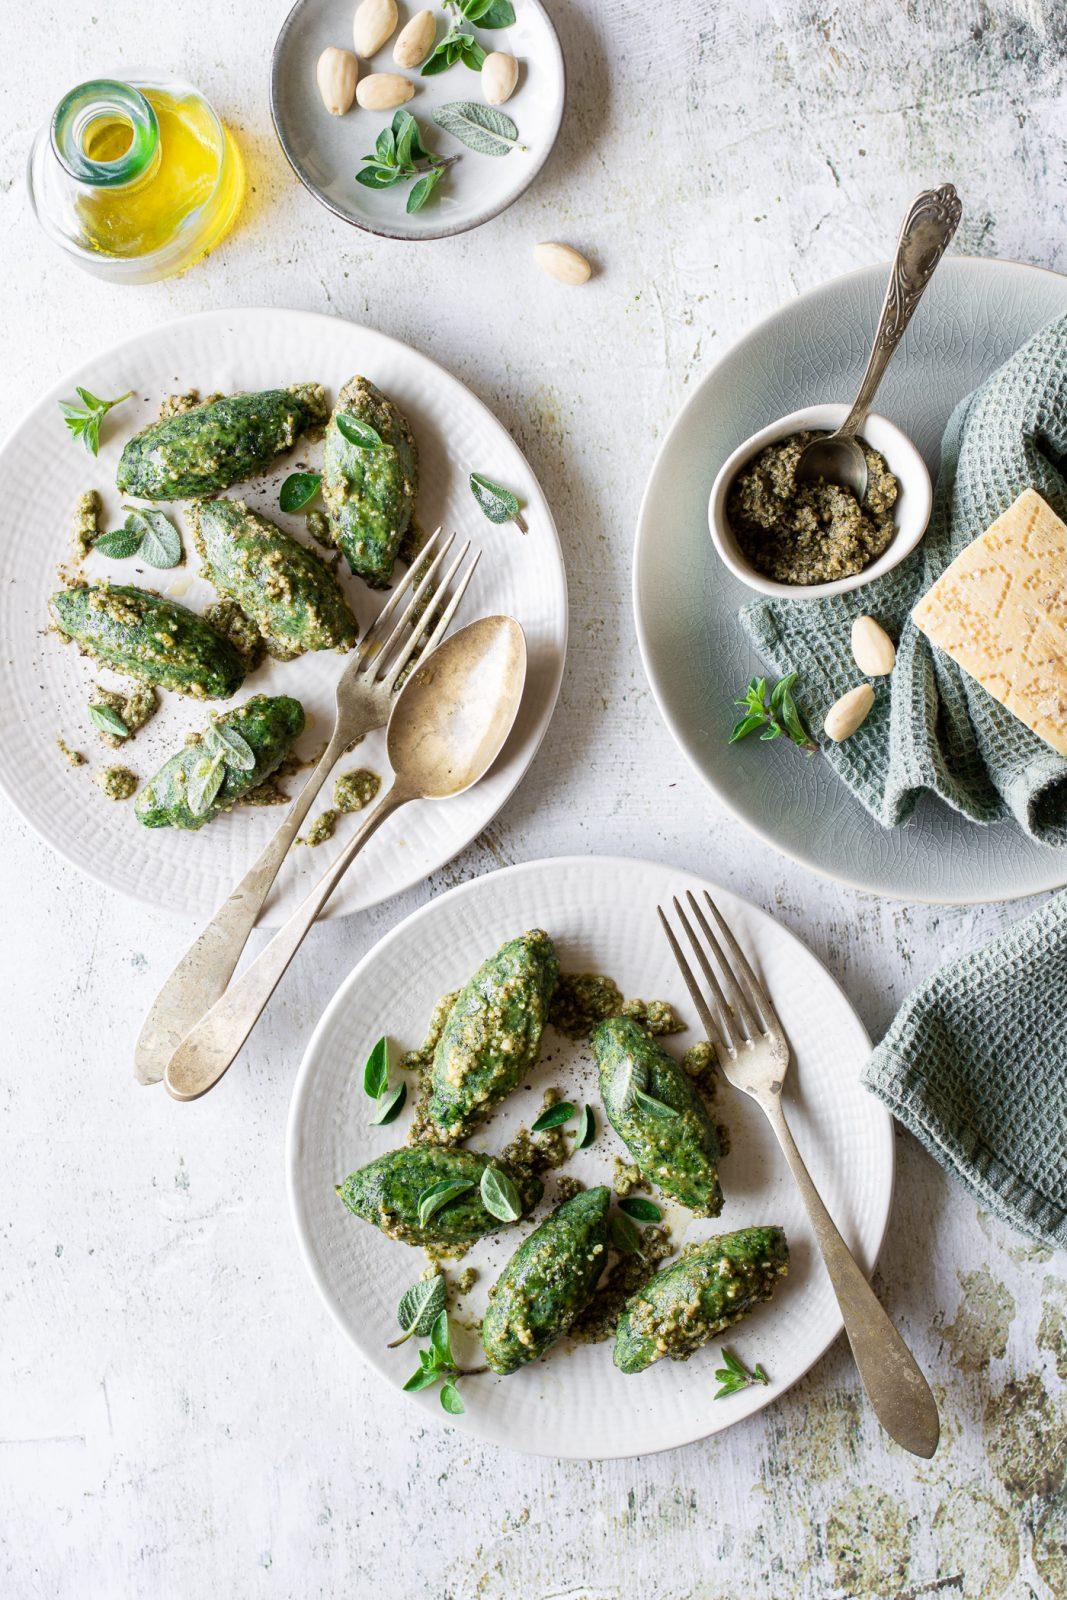 Malfatti agli spinaci con pesto di erbe aromatiche